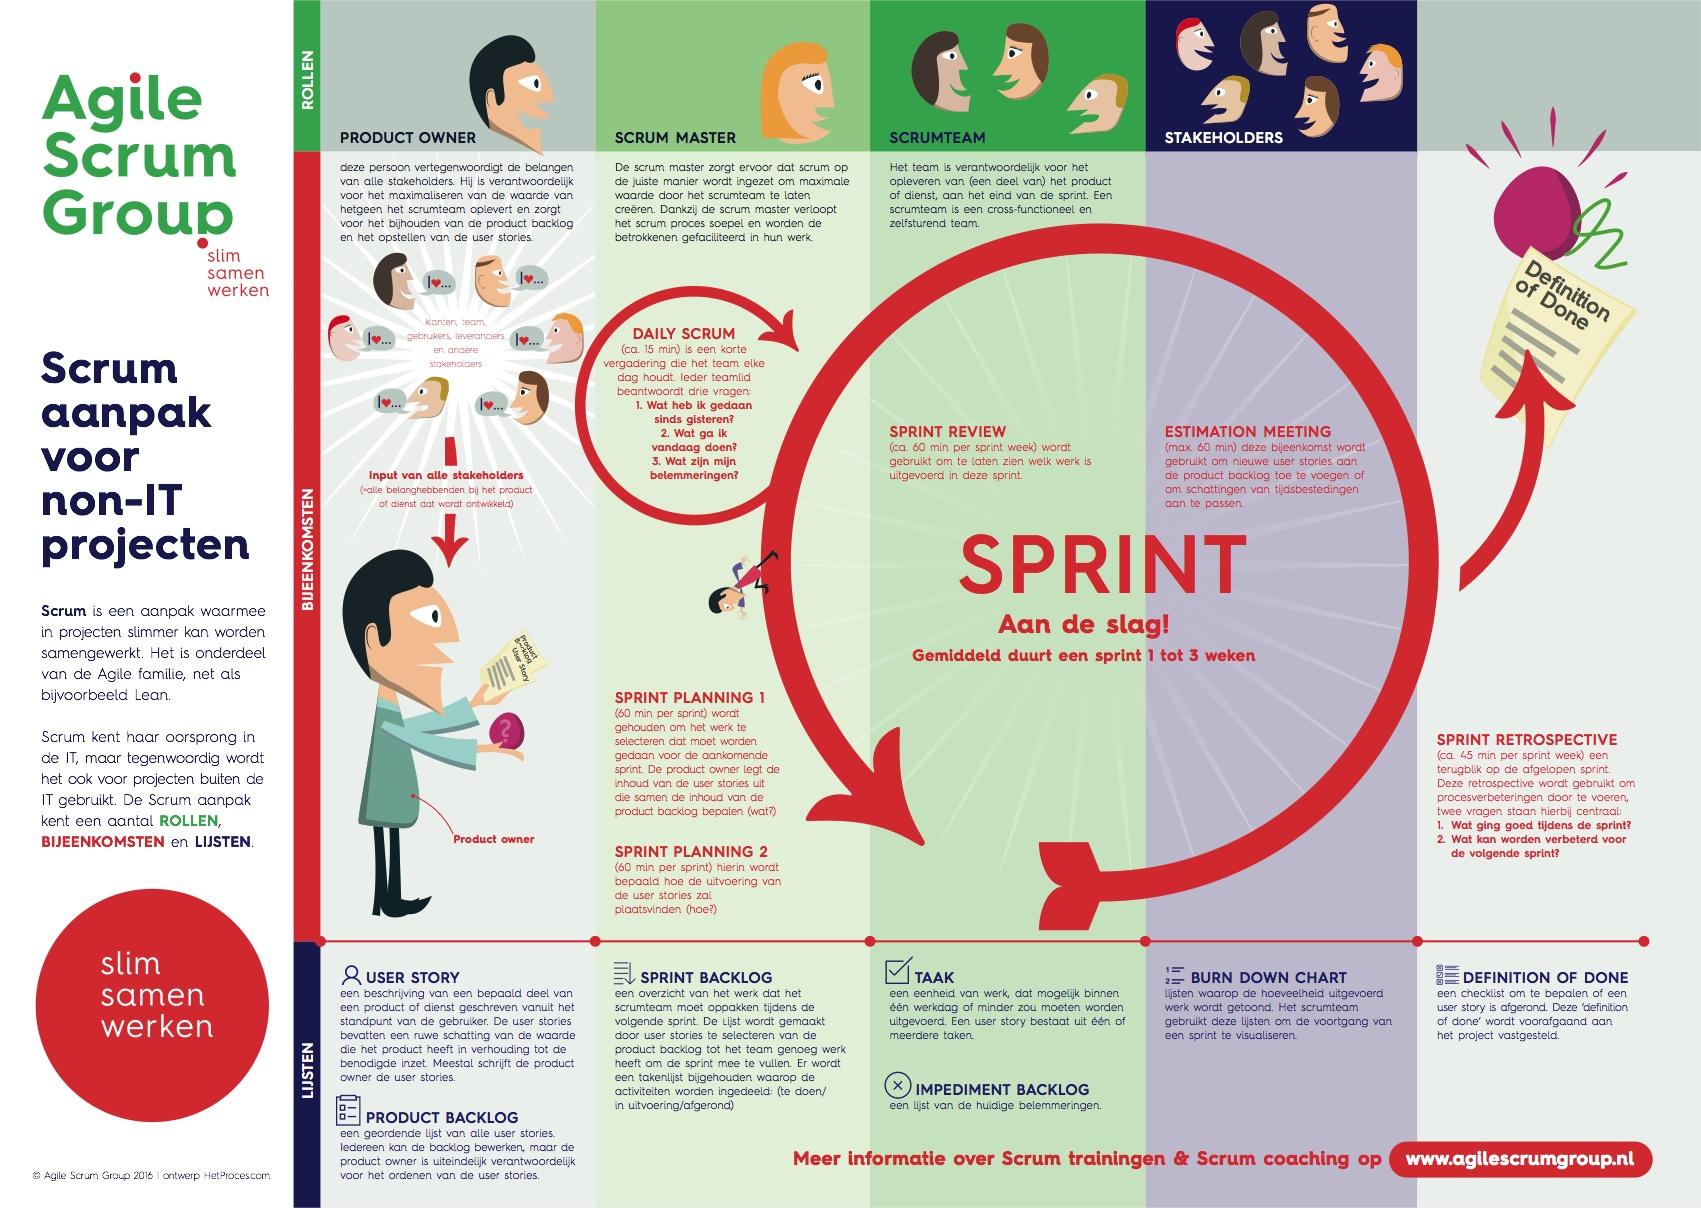 scrum guide Obwohl der scrum guide die essentiellen elemente von scrum vorschreibt, scheinen viele unternehmen signifikant davon abzuweichen.